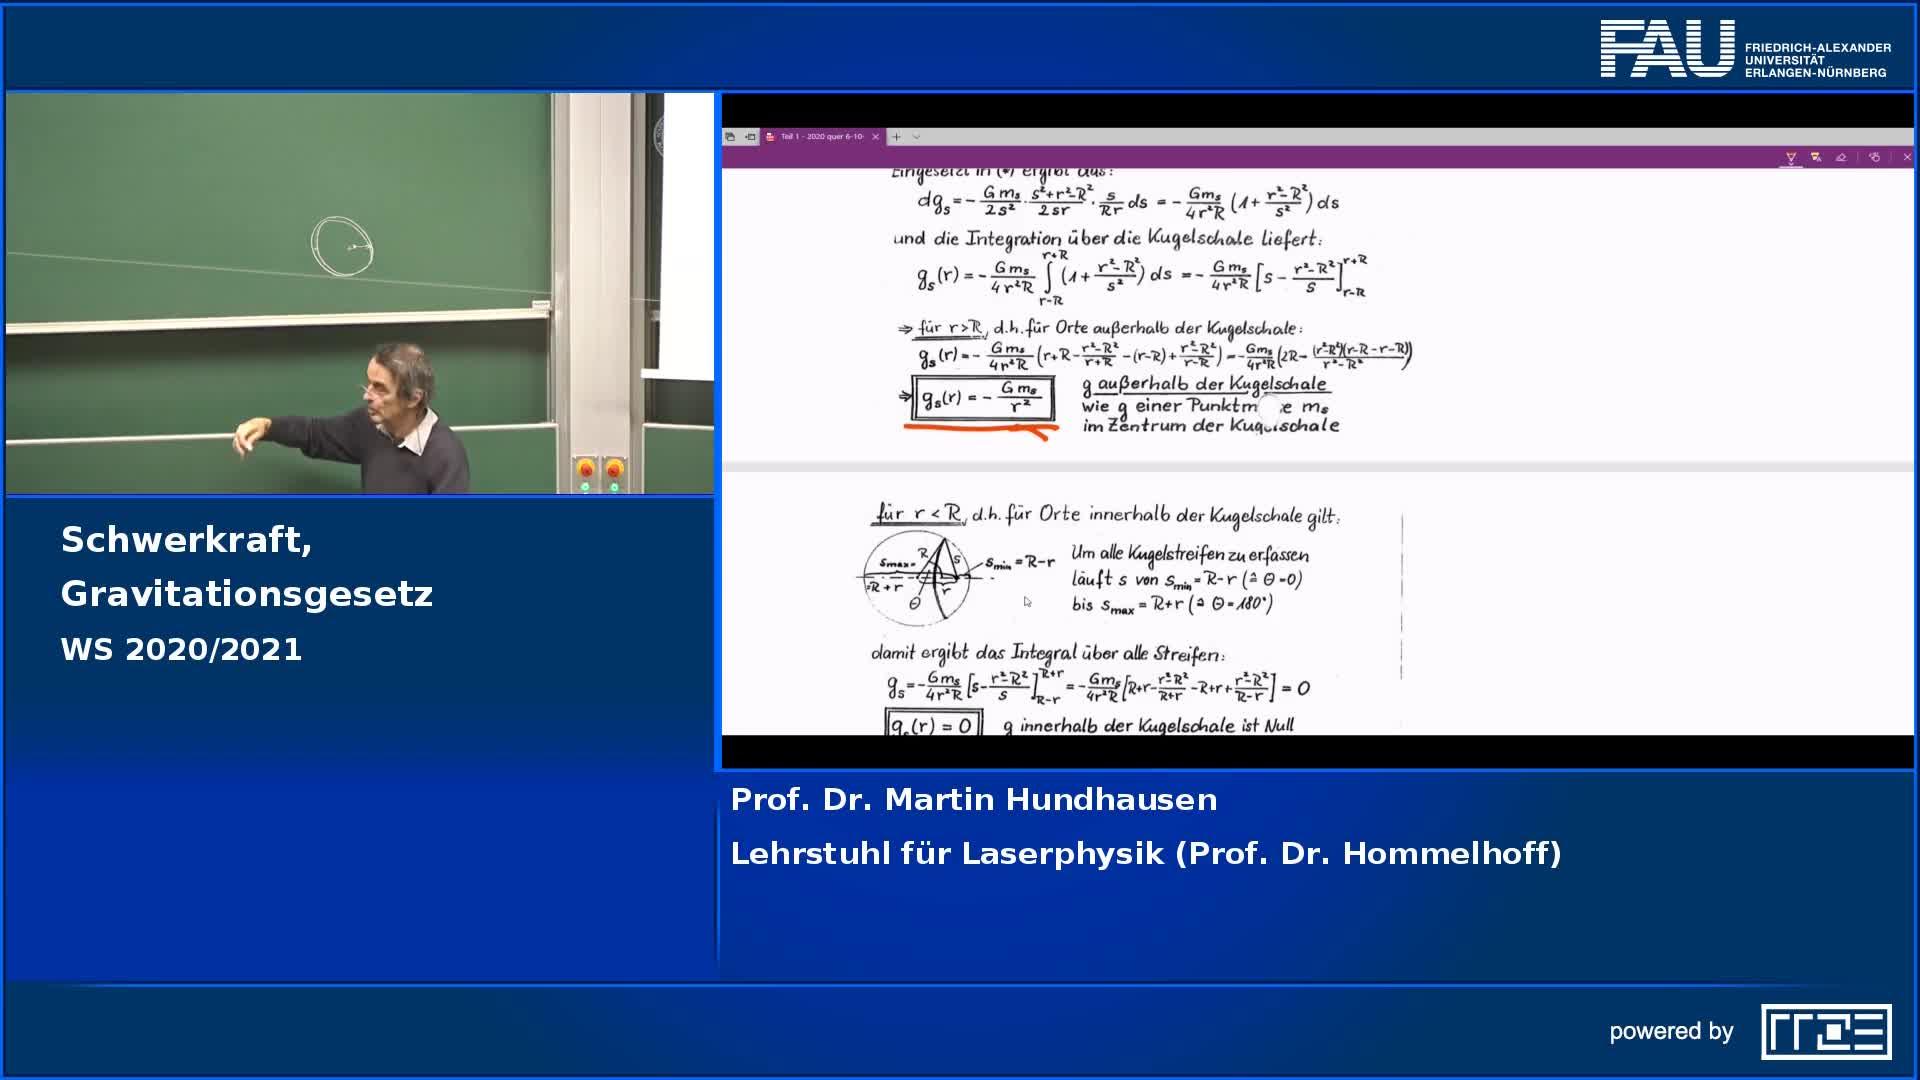 Schwerkraft, Gravitationsgesetz preview image